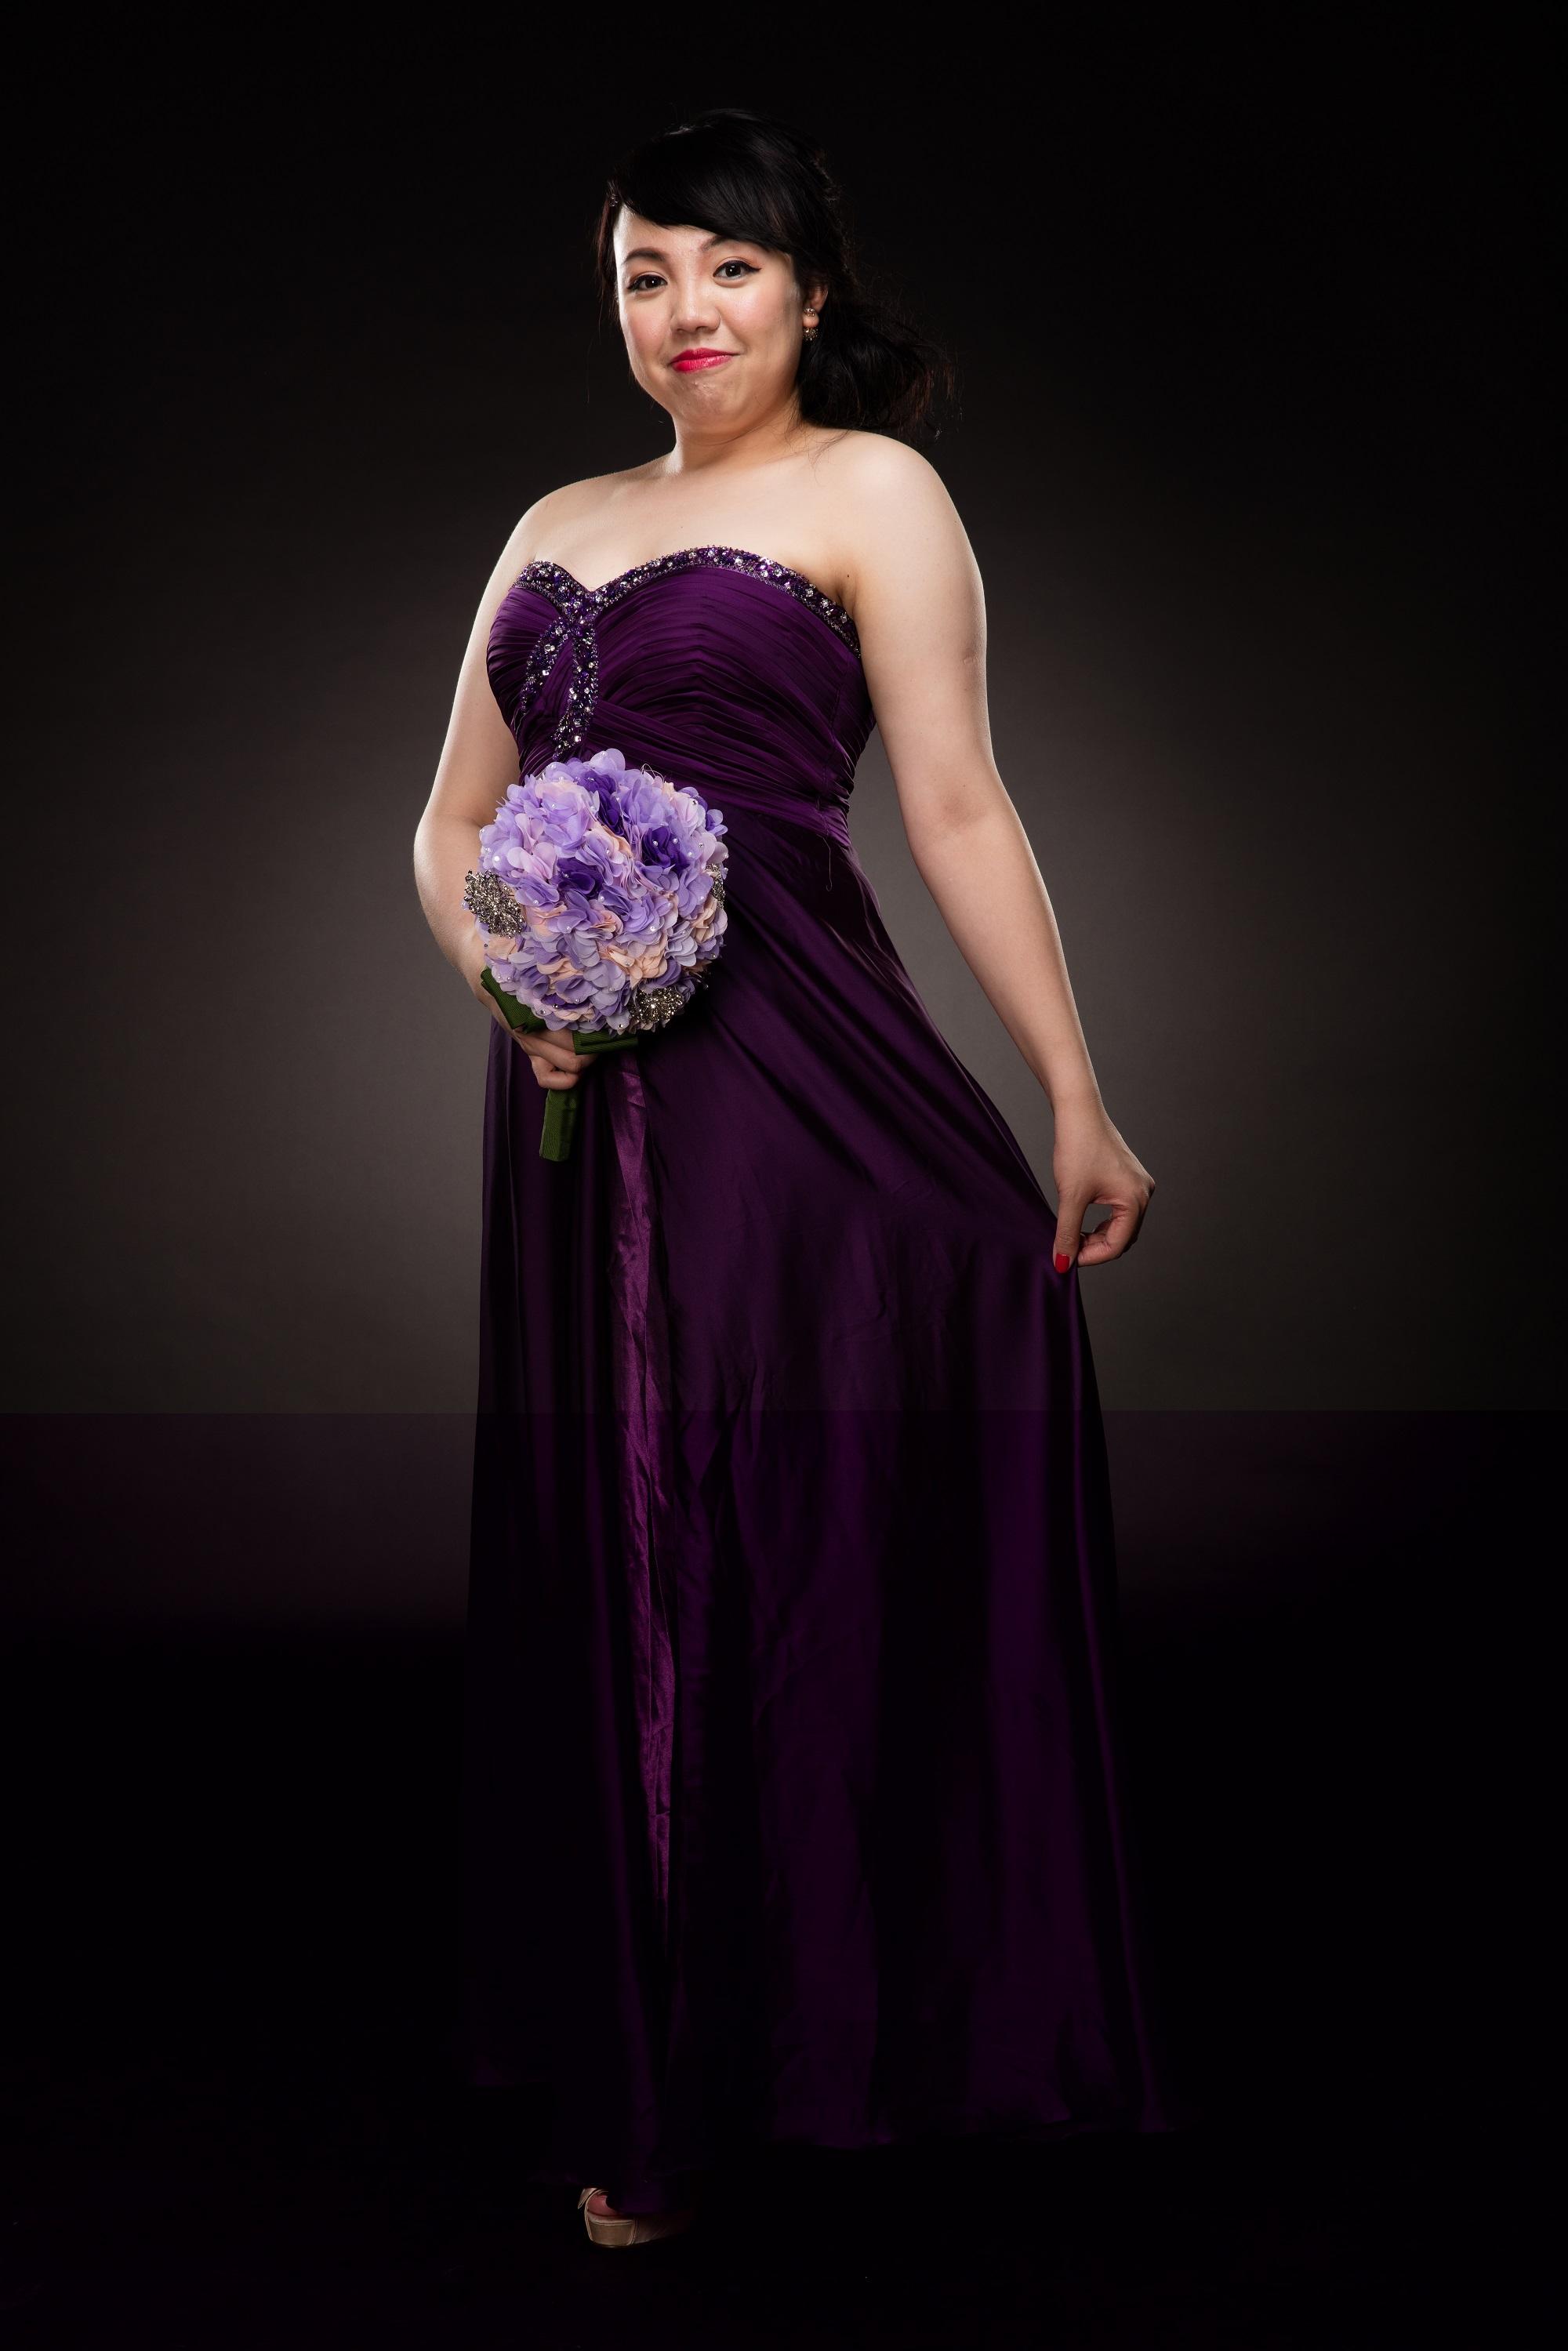 HW Bridal提供自家設計服務,微胖新娘可來圖度身訂造自己喜歡或設計的婚紗